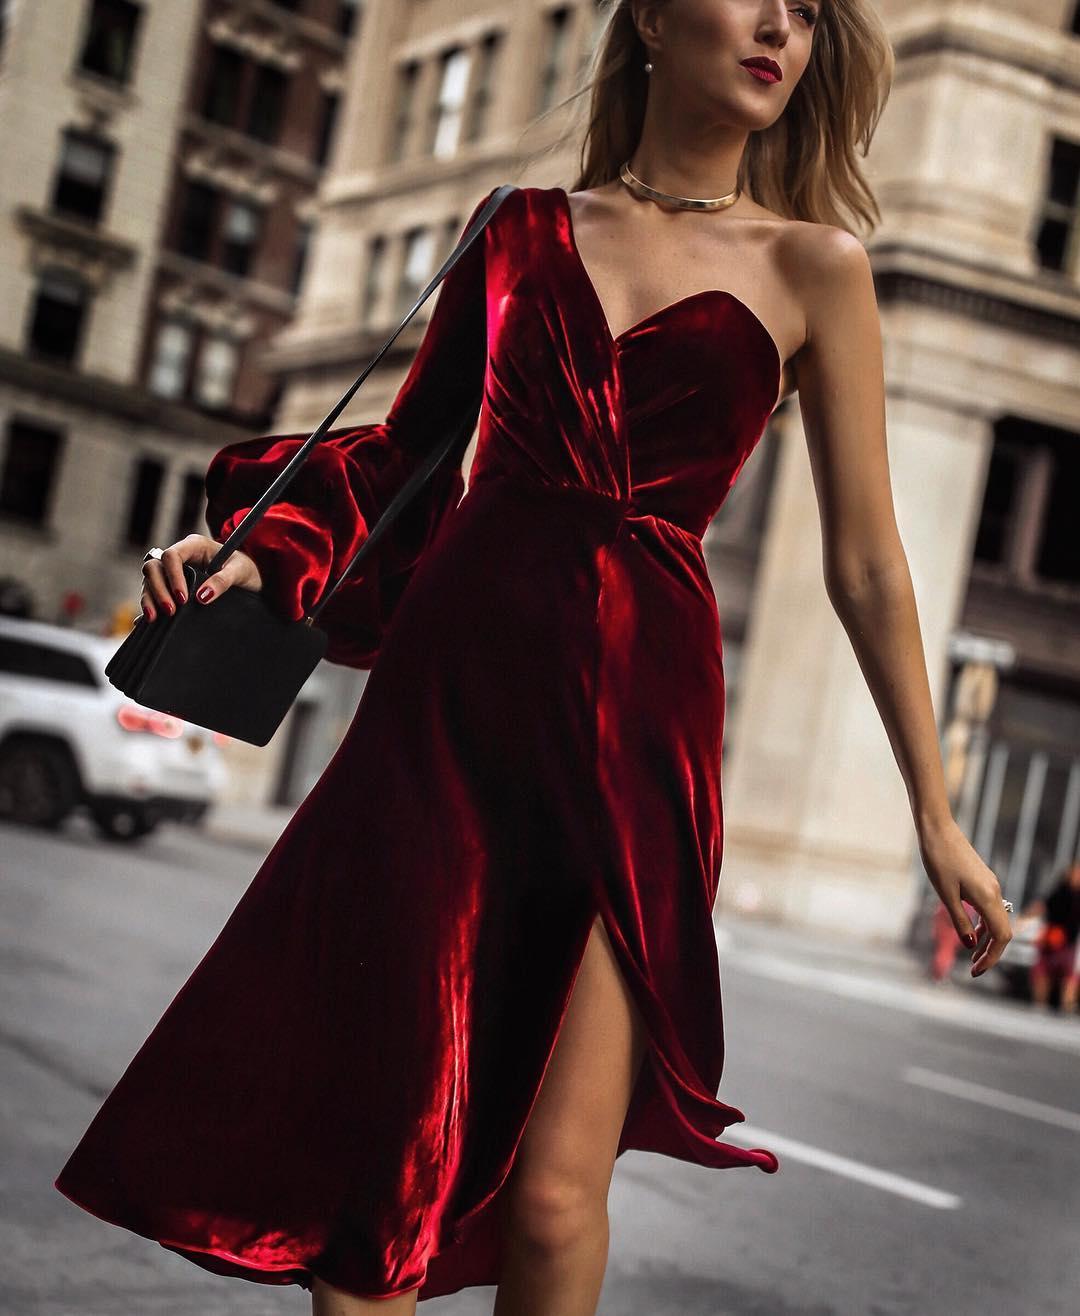 крутое фото в платье часть недр, предоставляемая